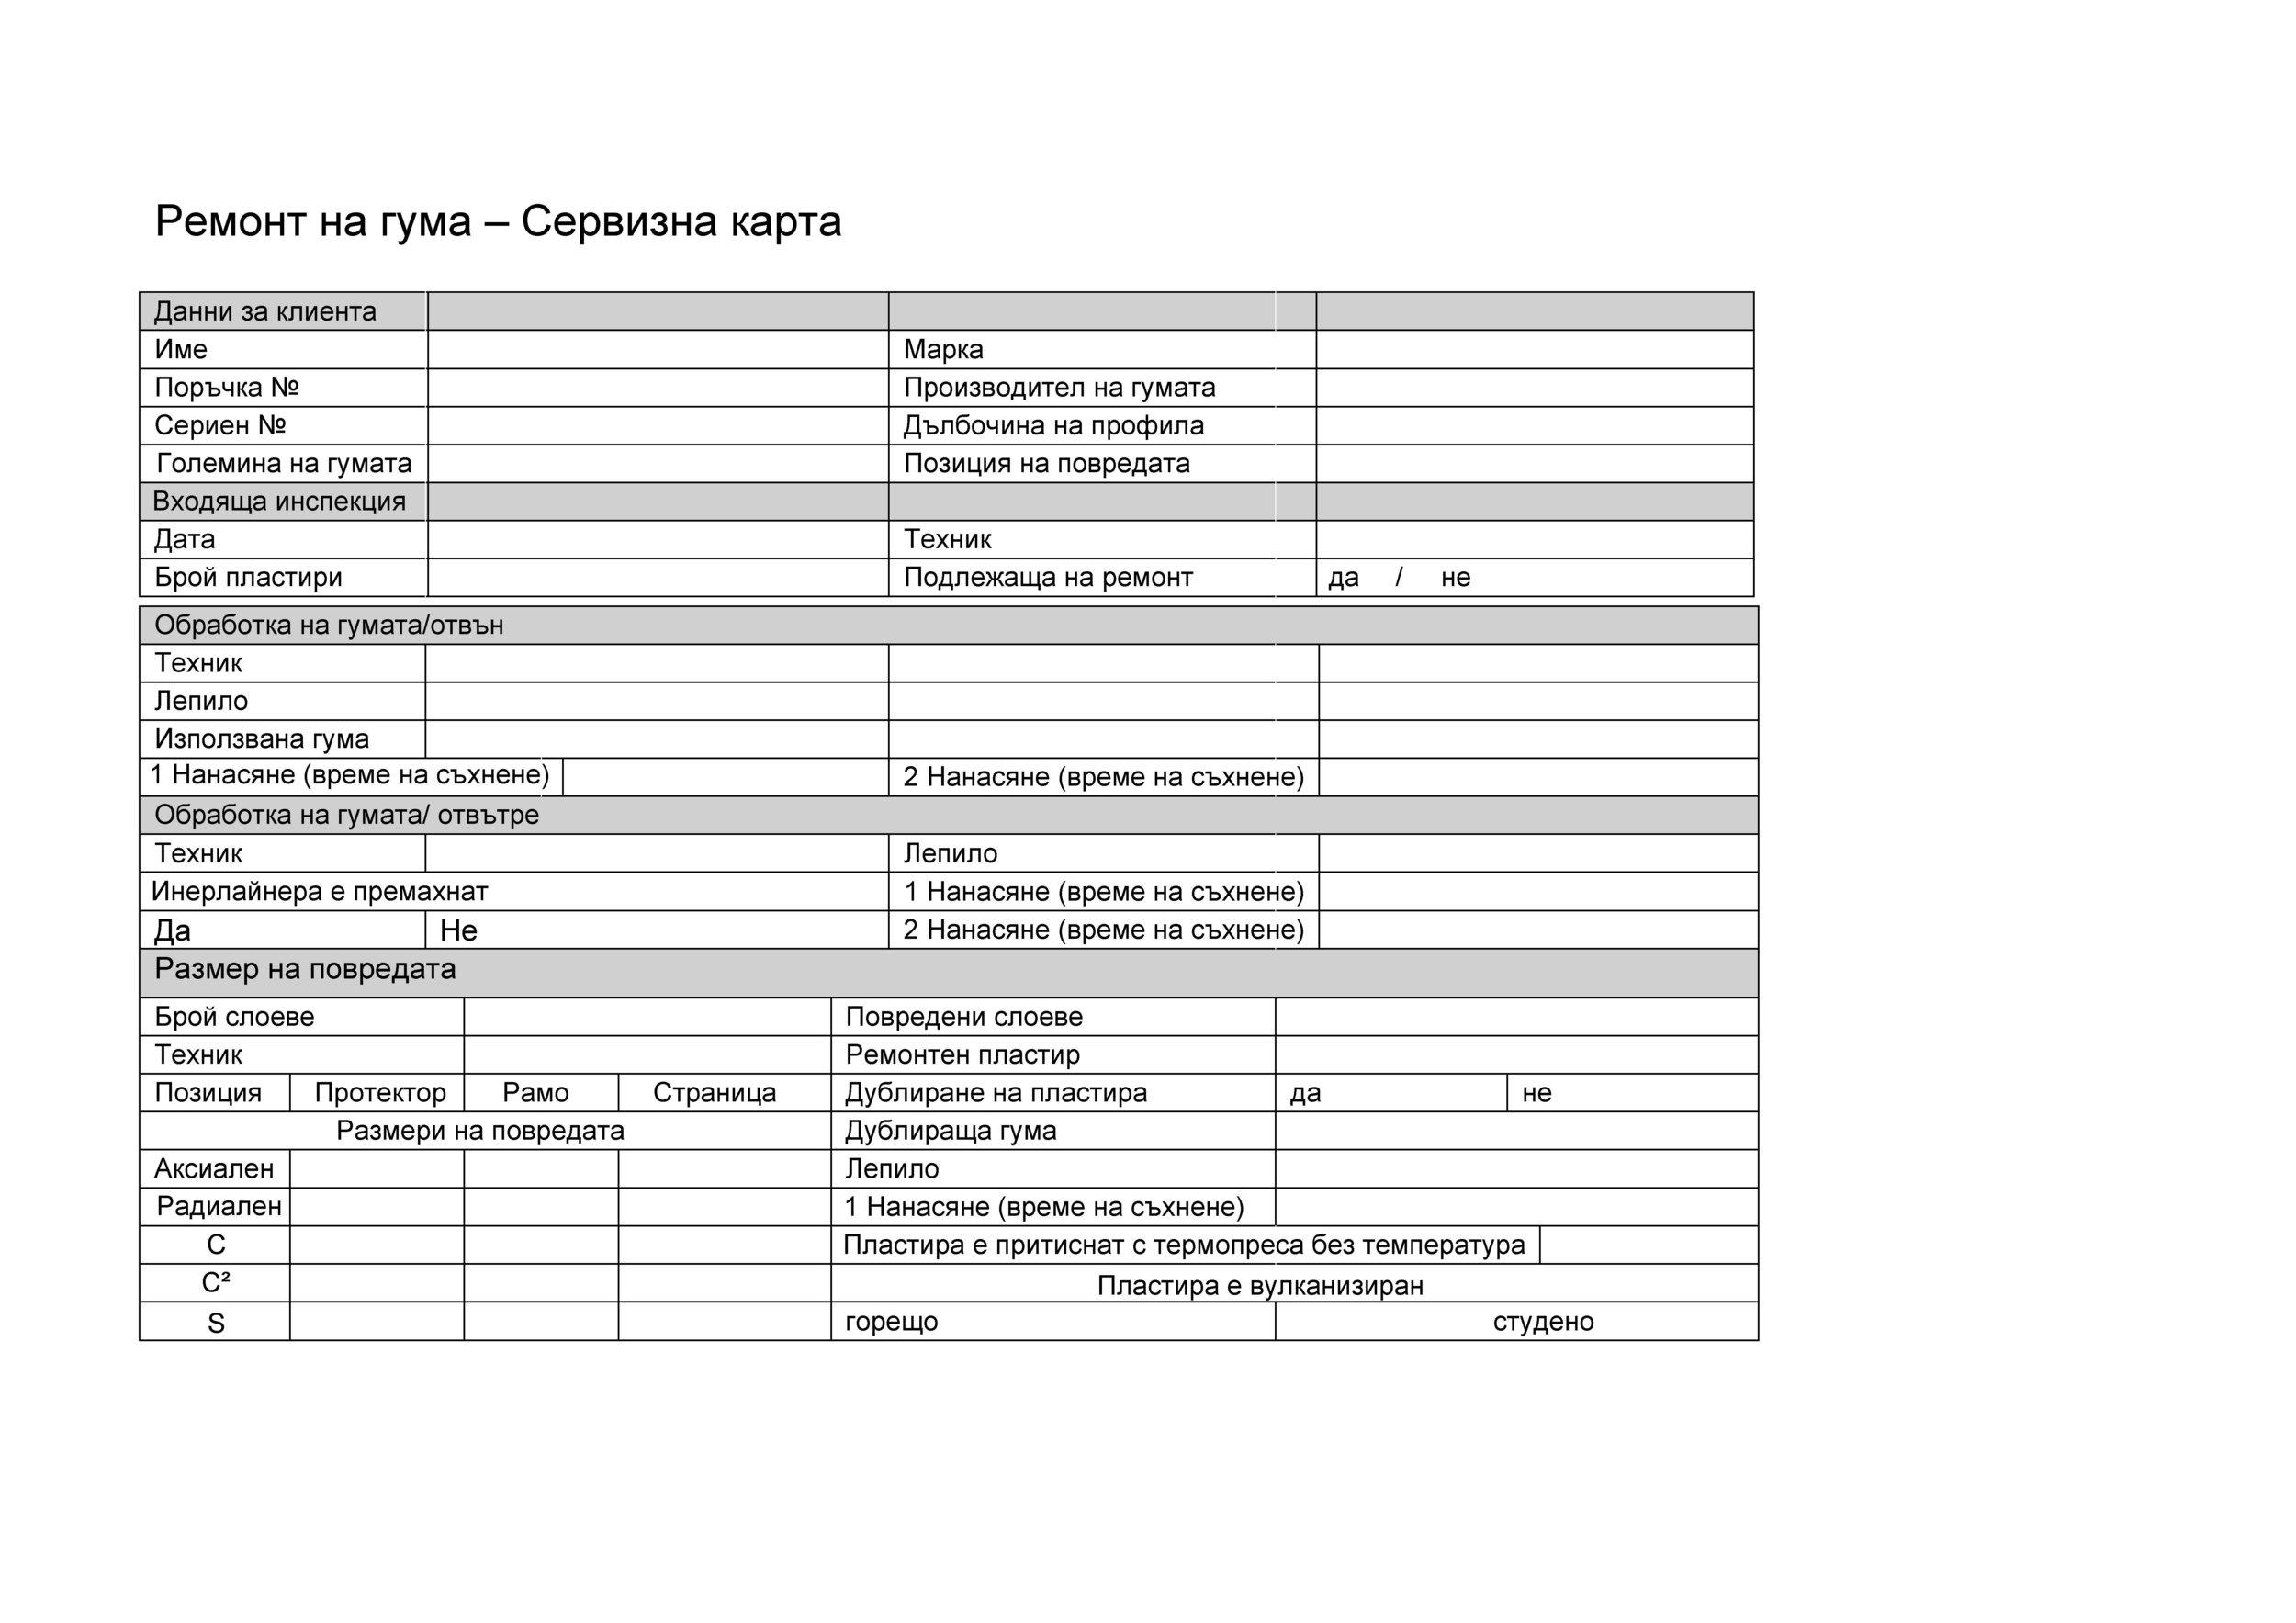 Arbeitskarte BG - Reifenreparatur3.jpg